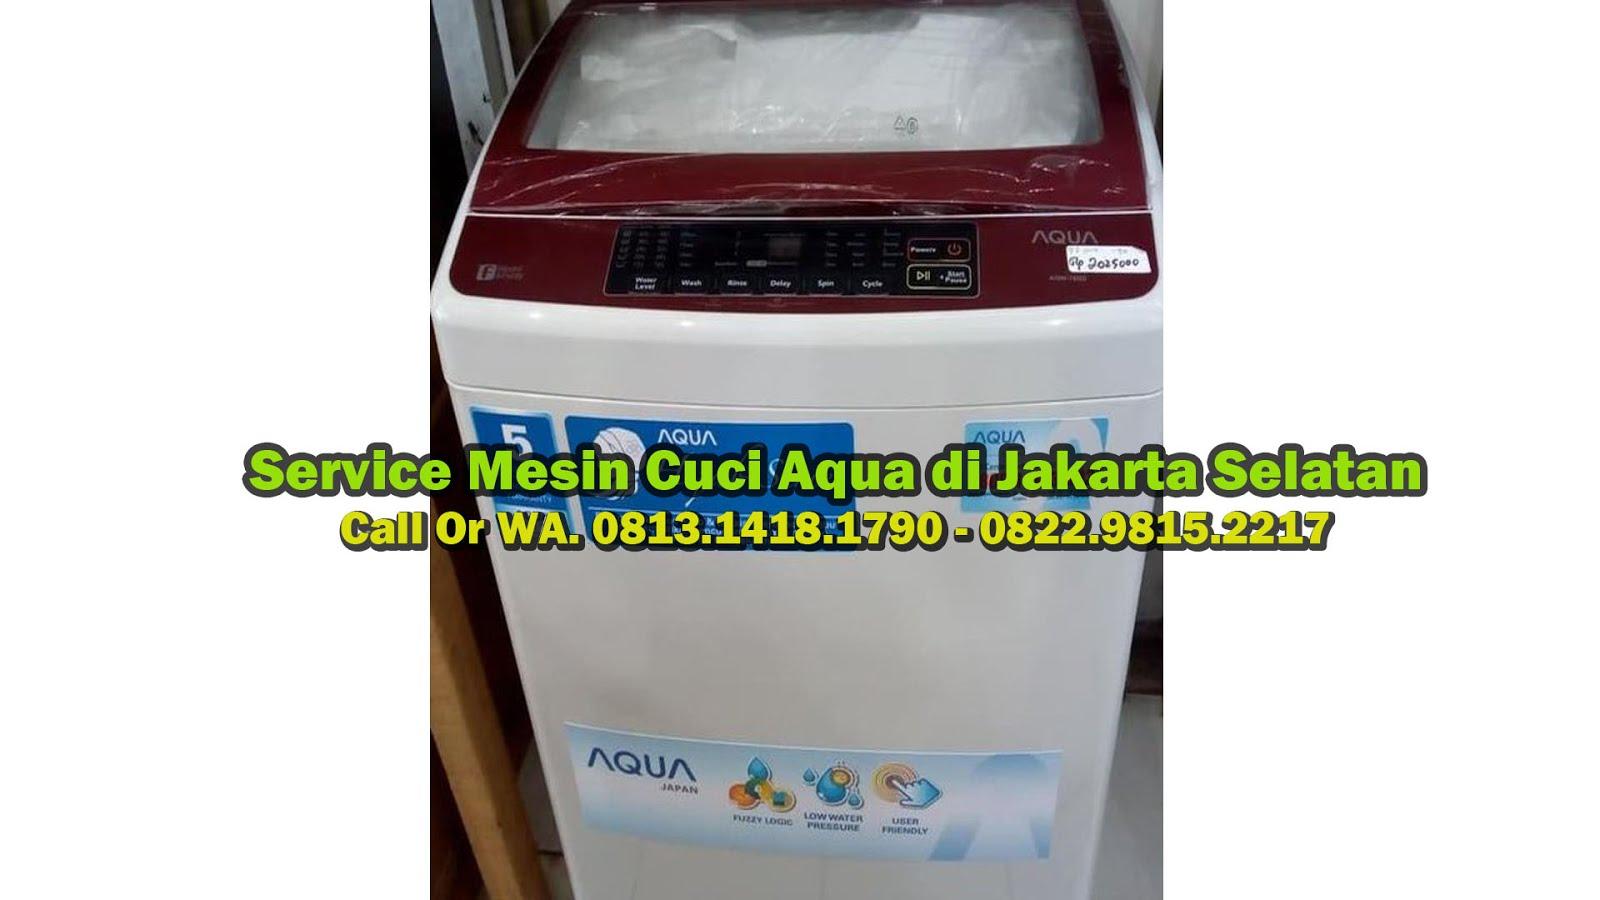 Service Mesin Cuci Aqua di Jakarta Selatan